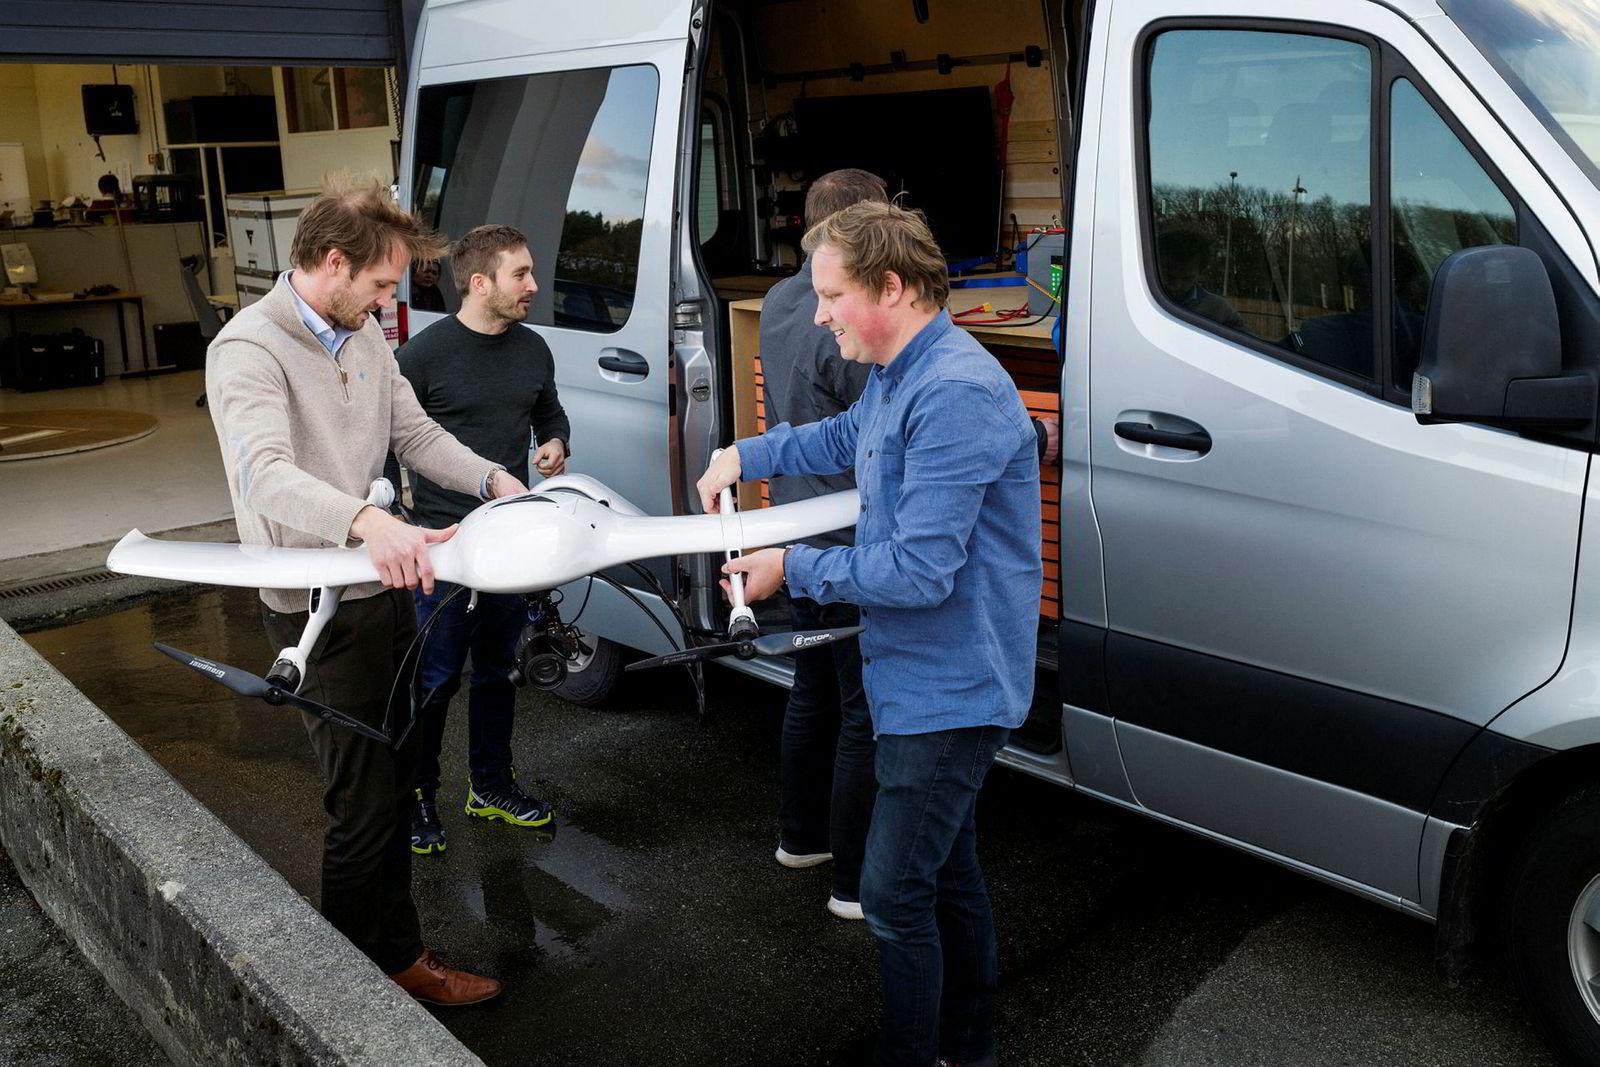 De tre gründerne bak selskapet KVS Technologies Cato Vevatne (fra venstre), Håkon Kjerkreit og Steffen Solberg med dronen. I denne bilen kan de frakte to droner og være mobile under operasjoner.